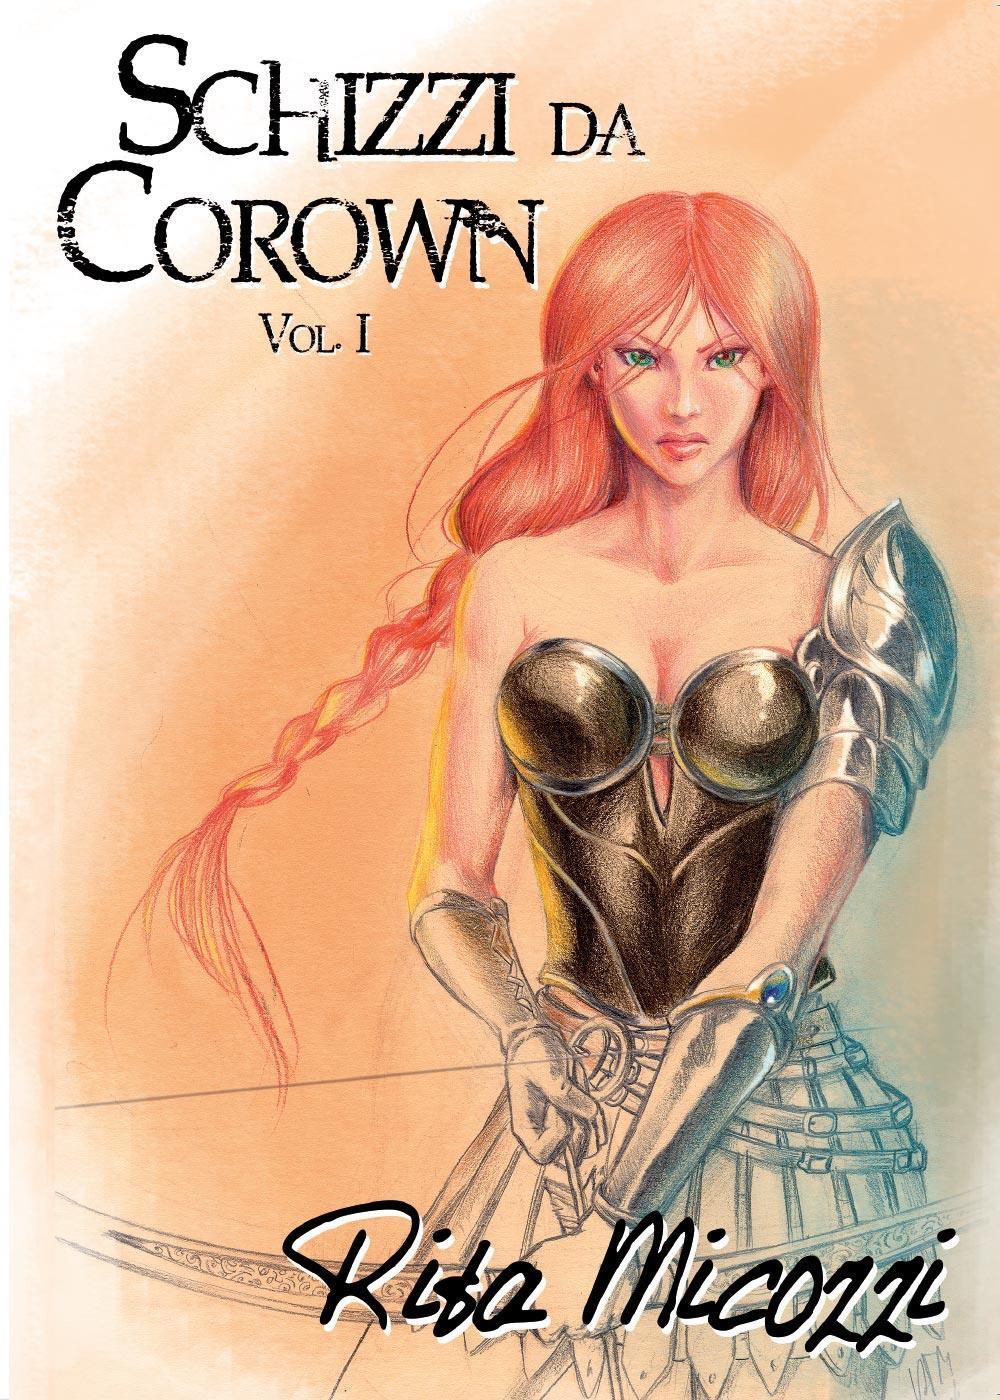 Schizzi da Corown vol. 1